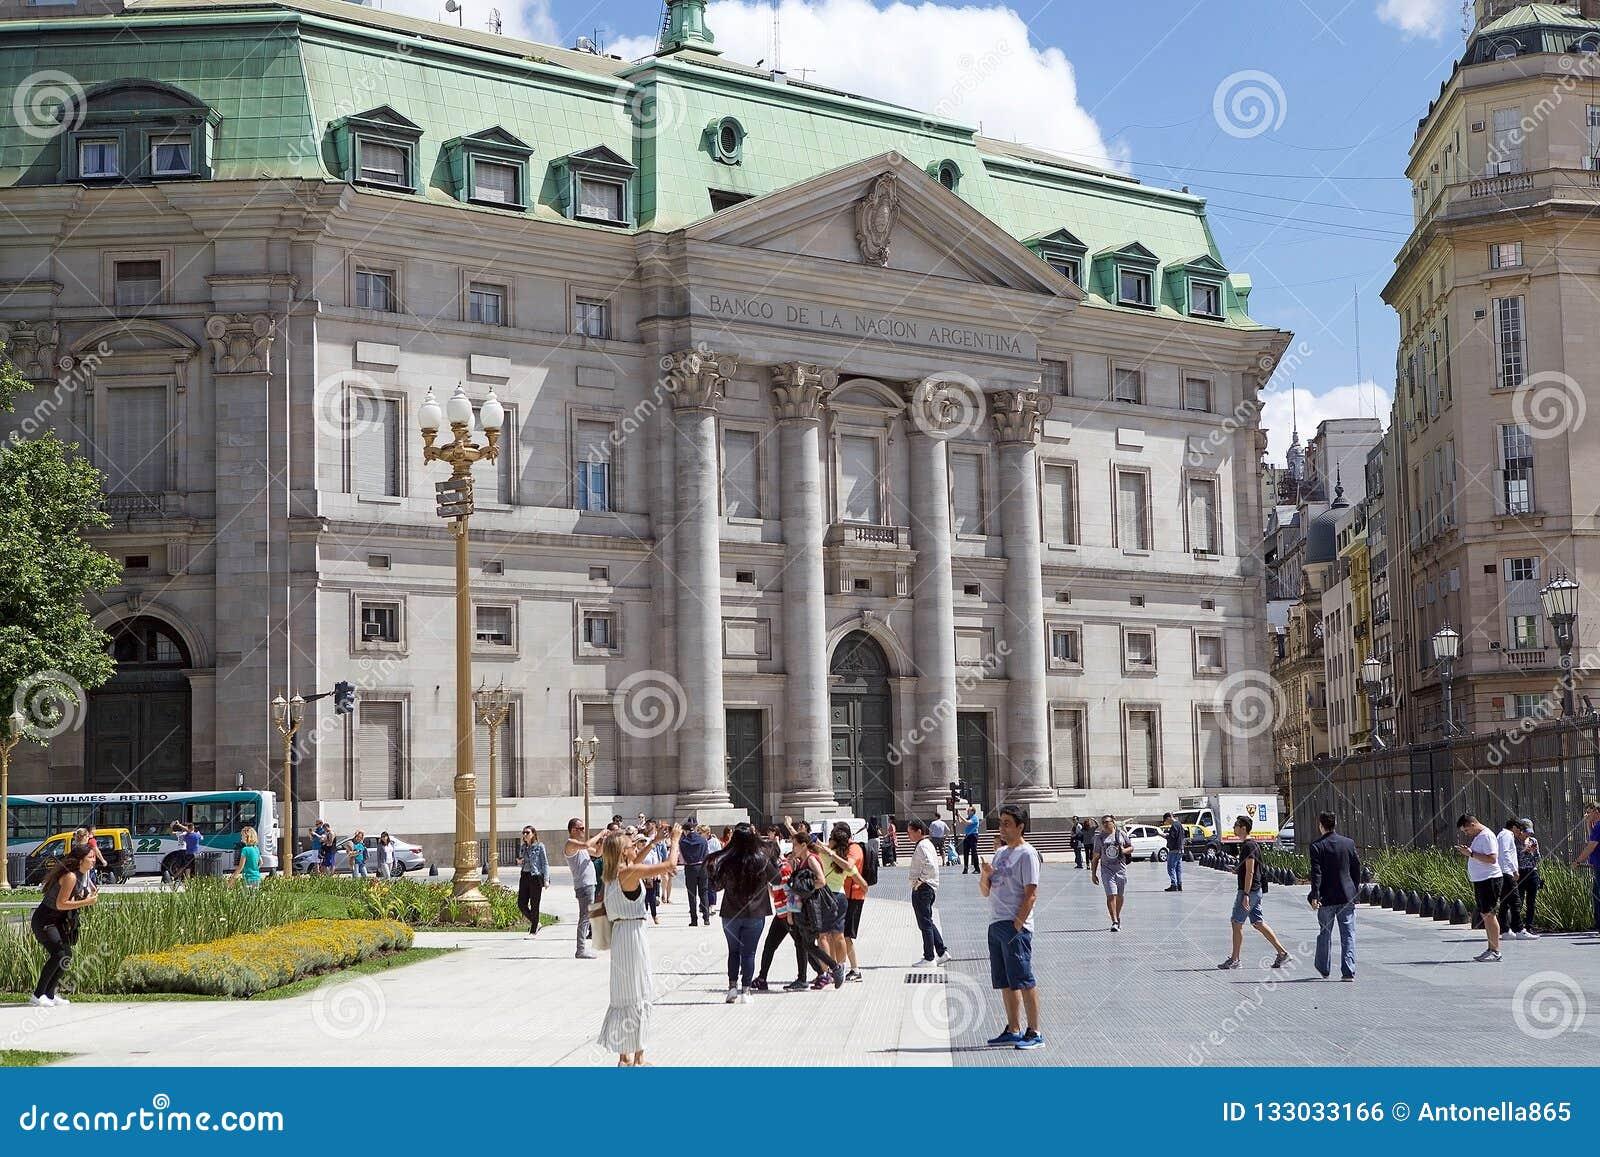 Banco de la nación de Argentina en Buenos Aires, la Argentina